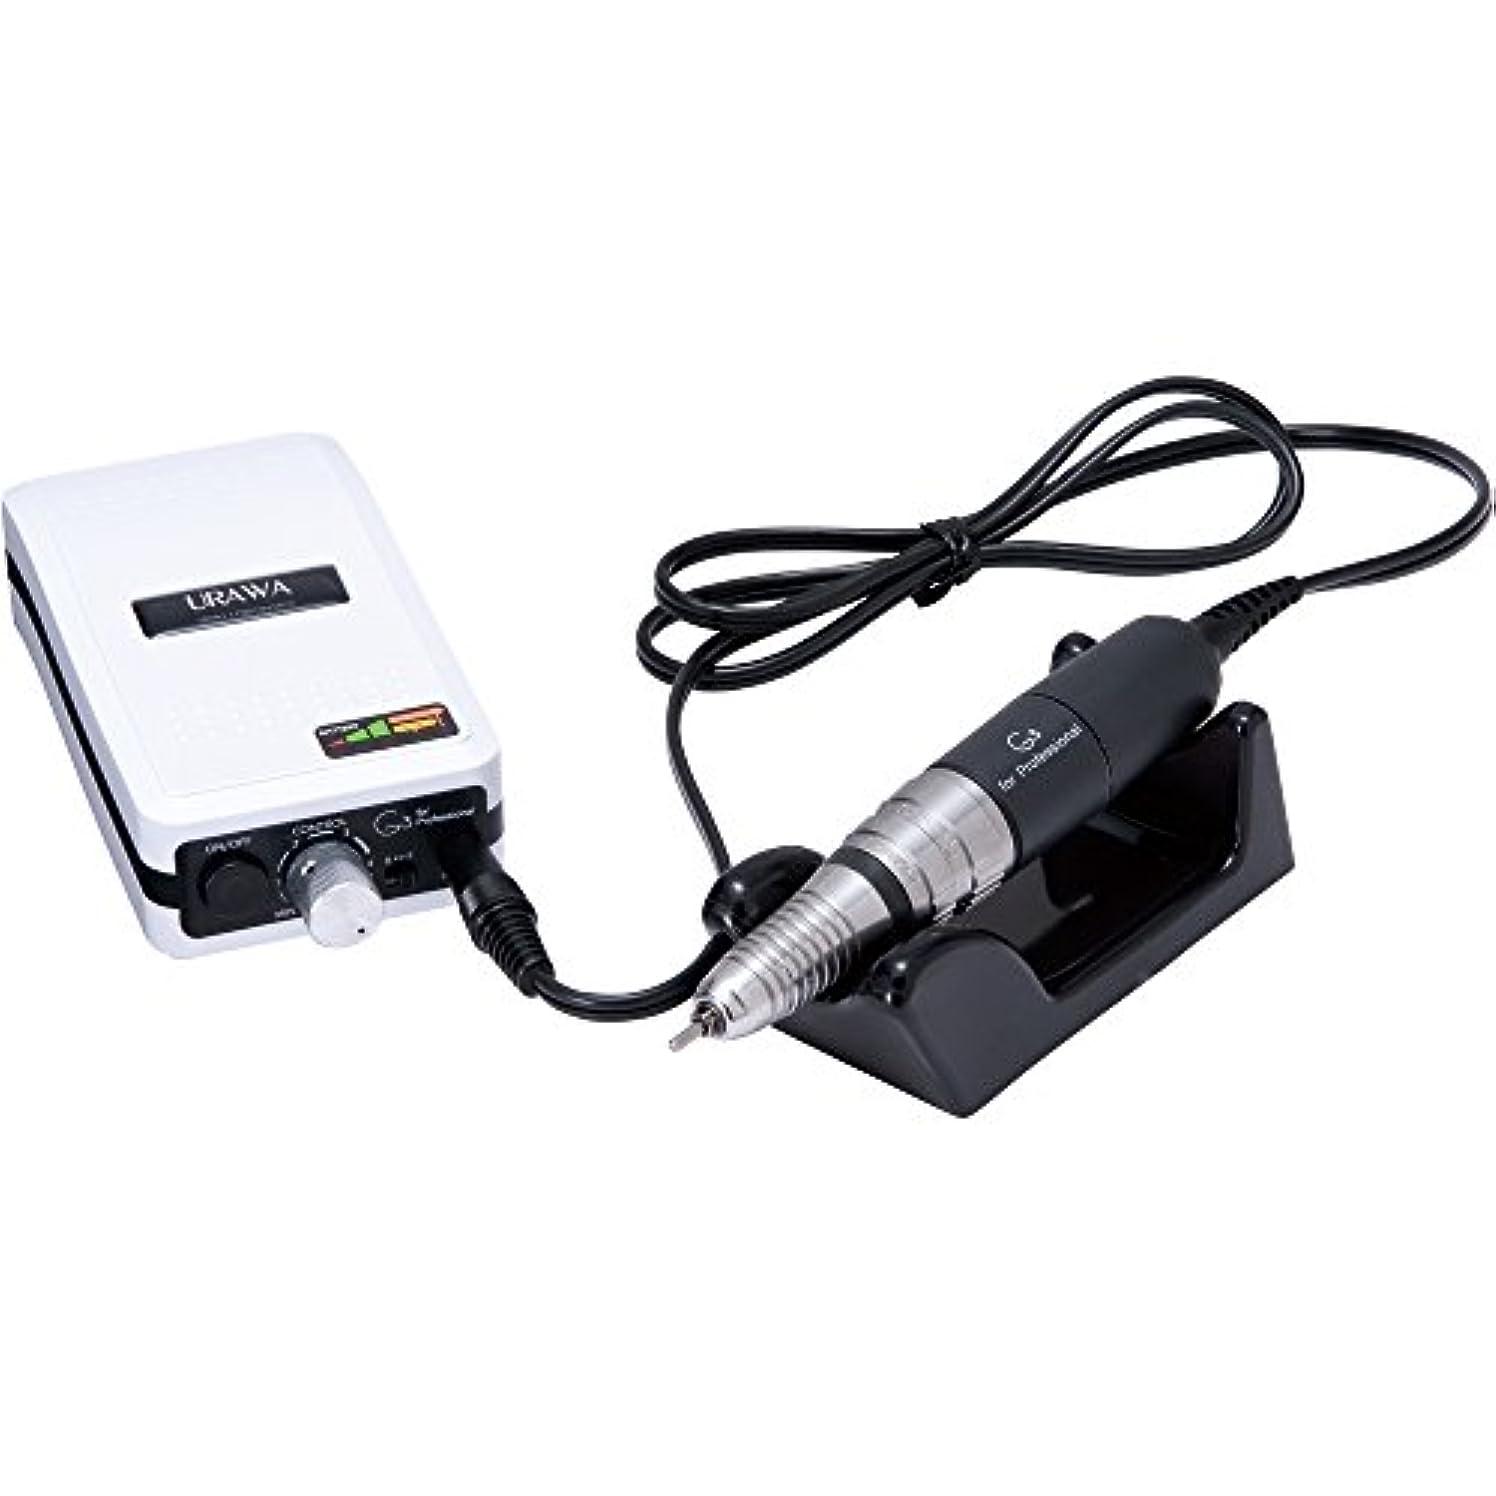 スタウトセンサーデッキポータブルネイルマシーンG3 ホワイト